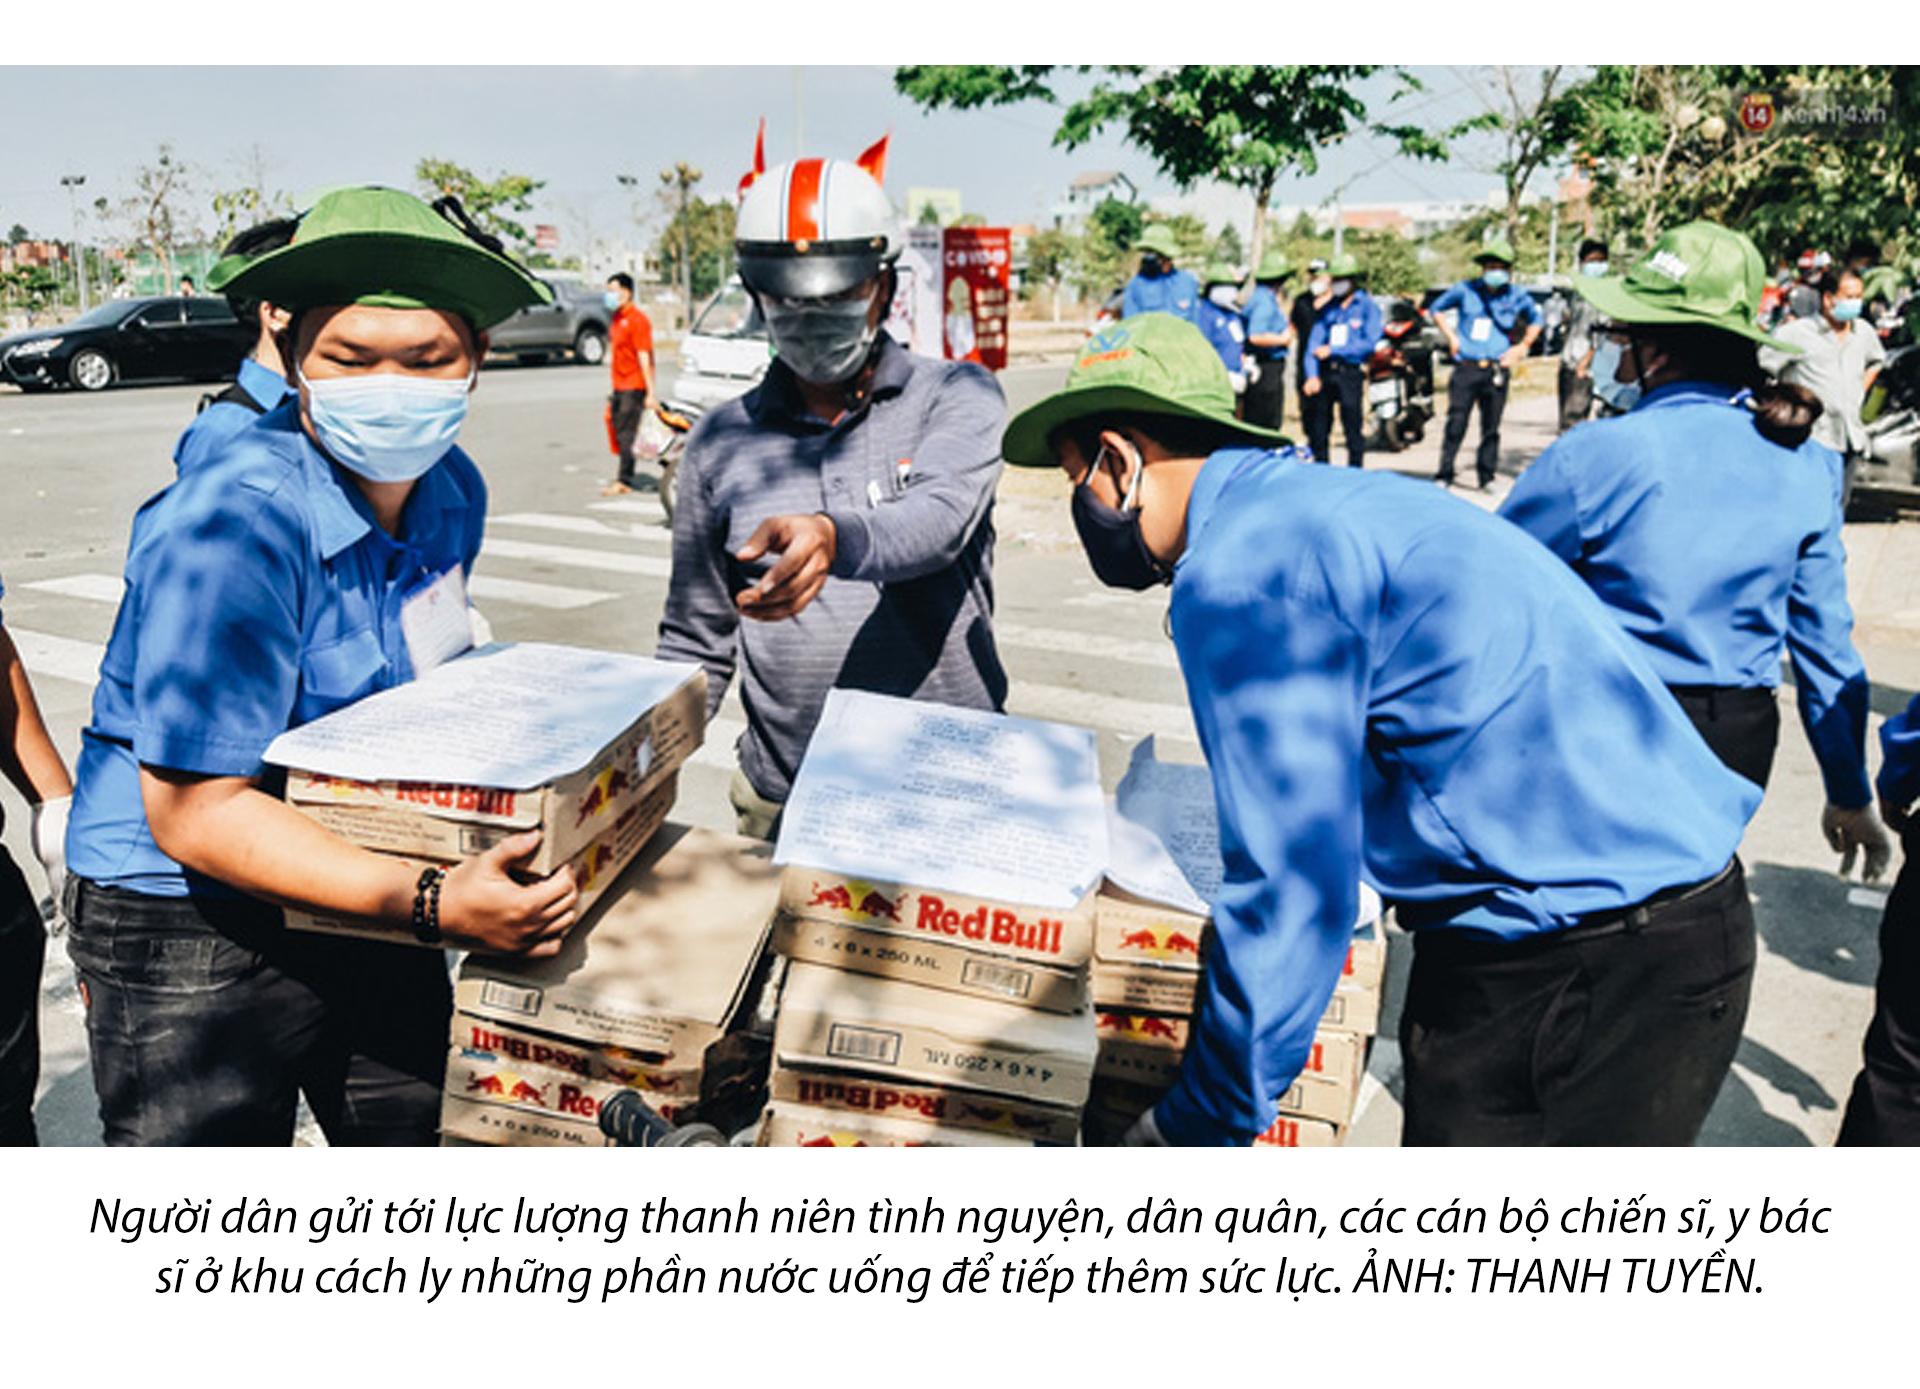 Đi qua mùa dịch: Người Sài Gòn đúng thật 'tánh kỳ' - ảnh 16